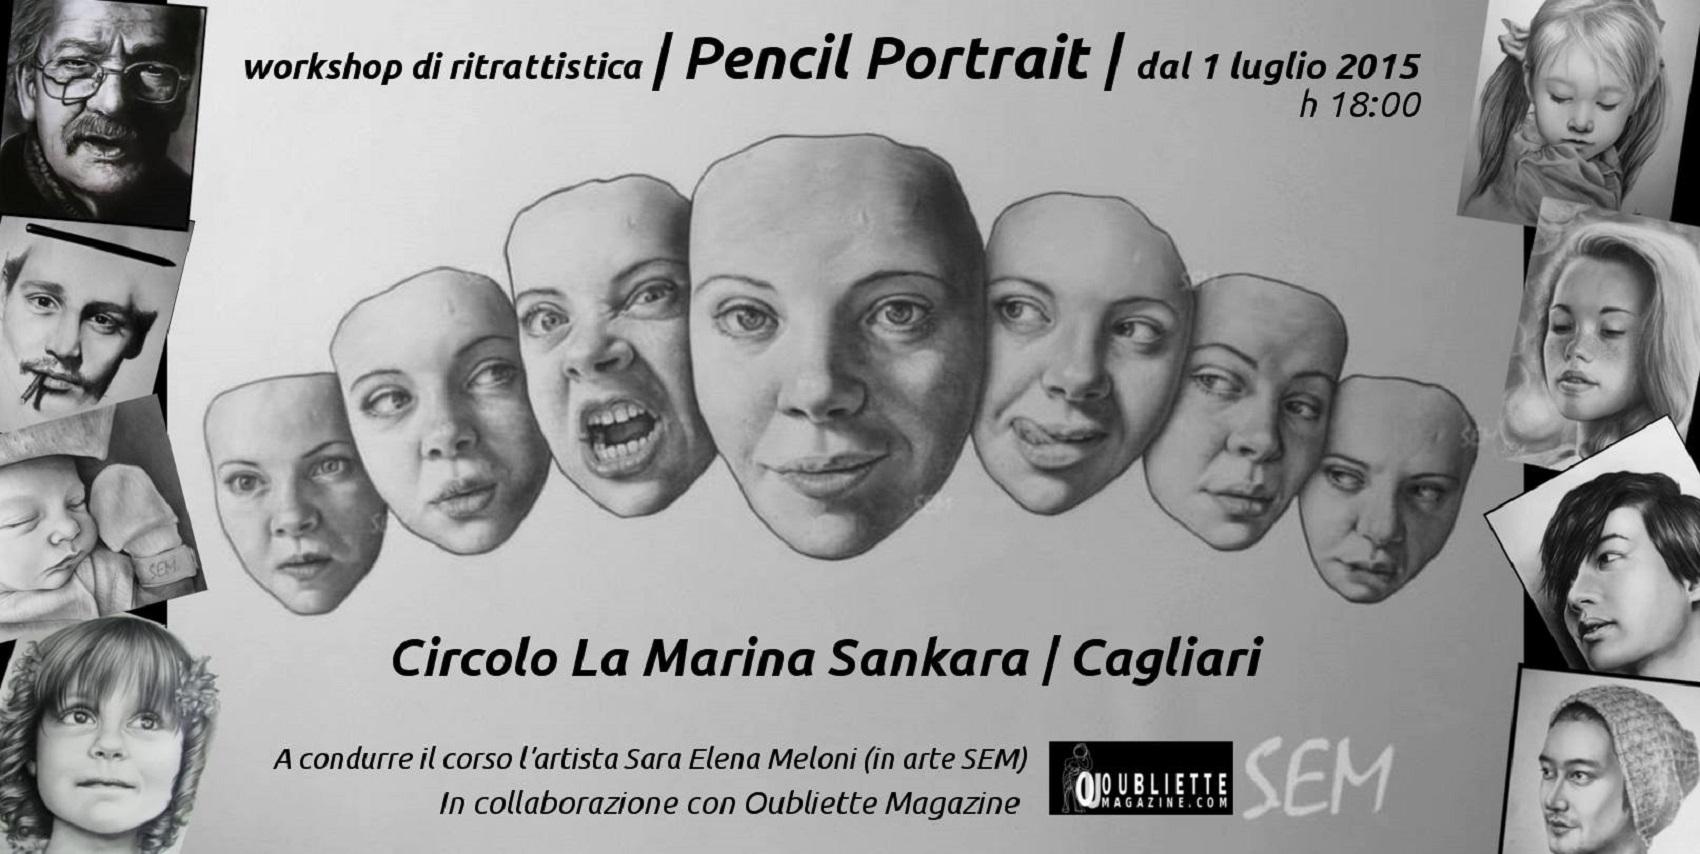 """""""Pencil Portrait"""": workshop di ritrattistica, dal 1 luglio, presso il Circolo La Marina Sankara, Cagliari"""